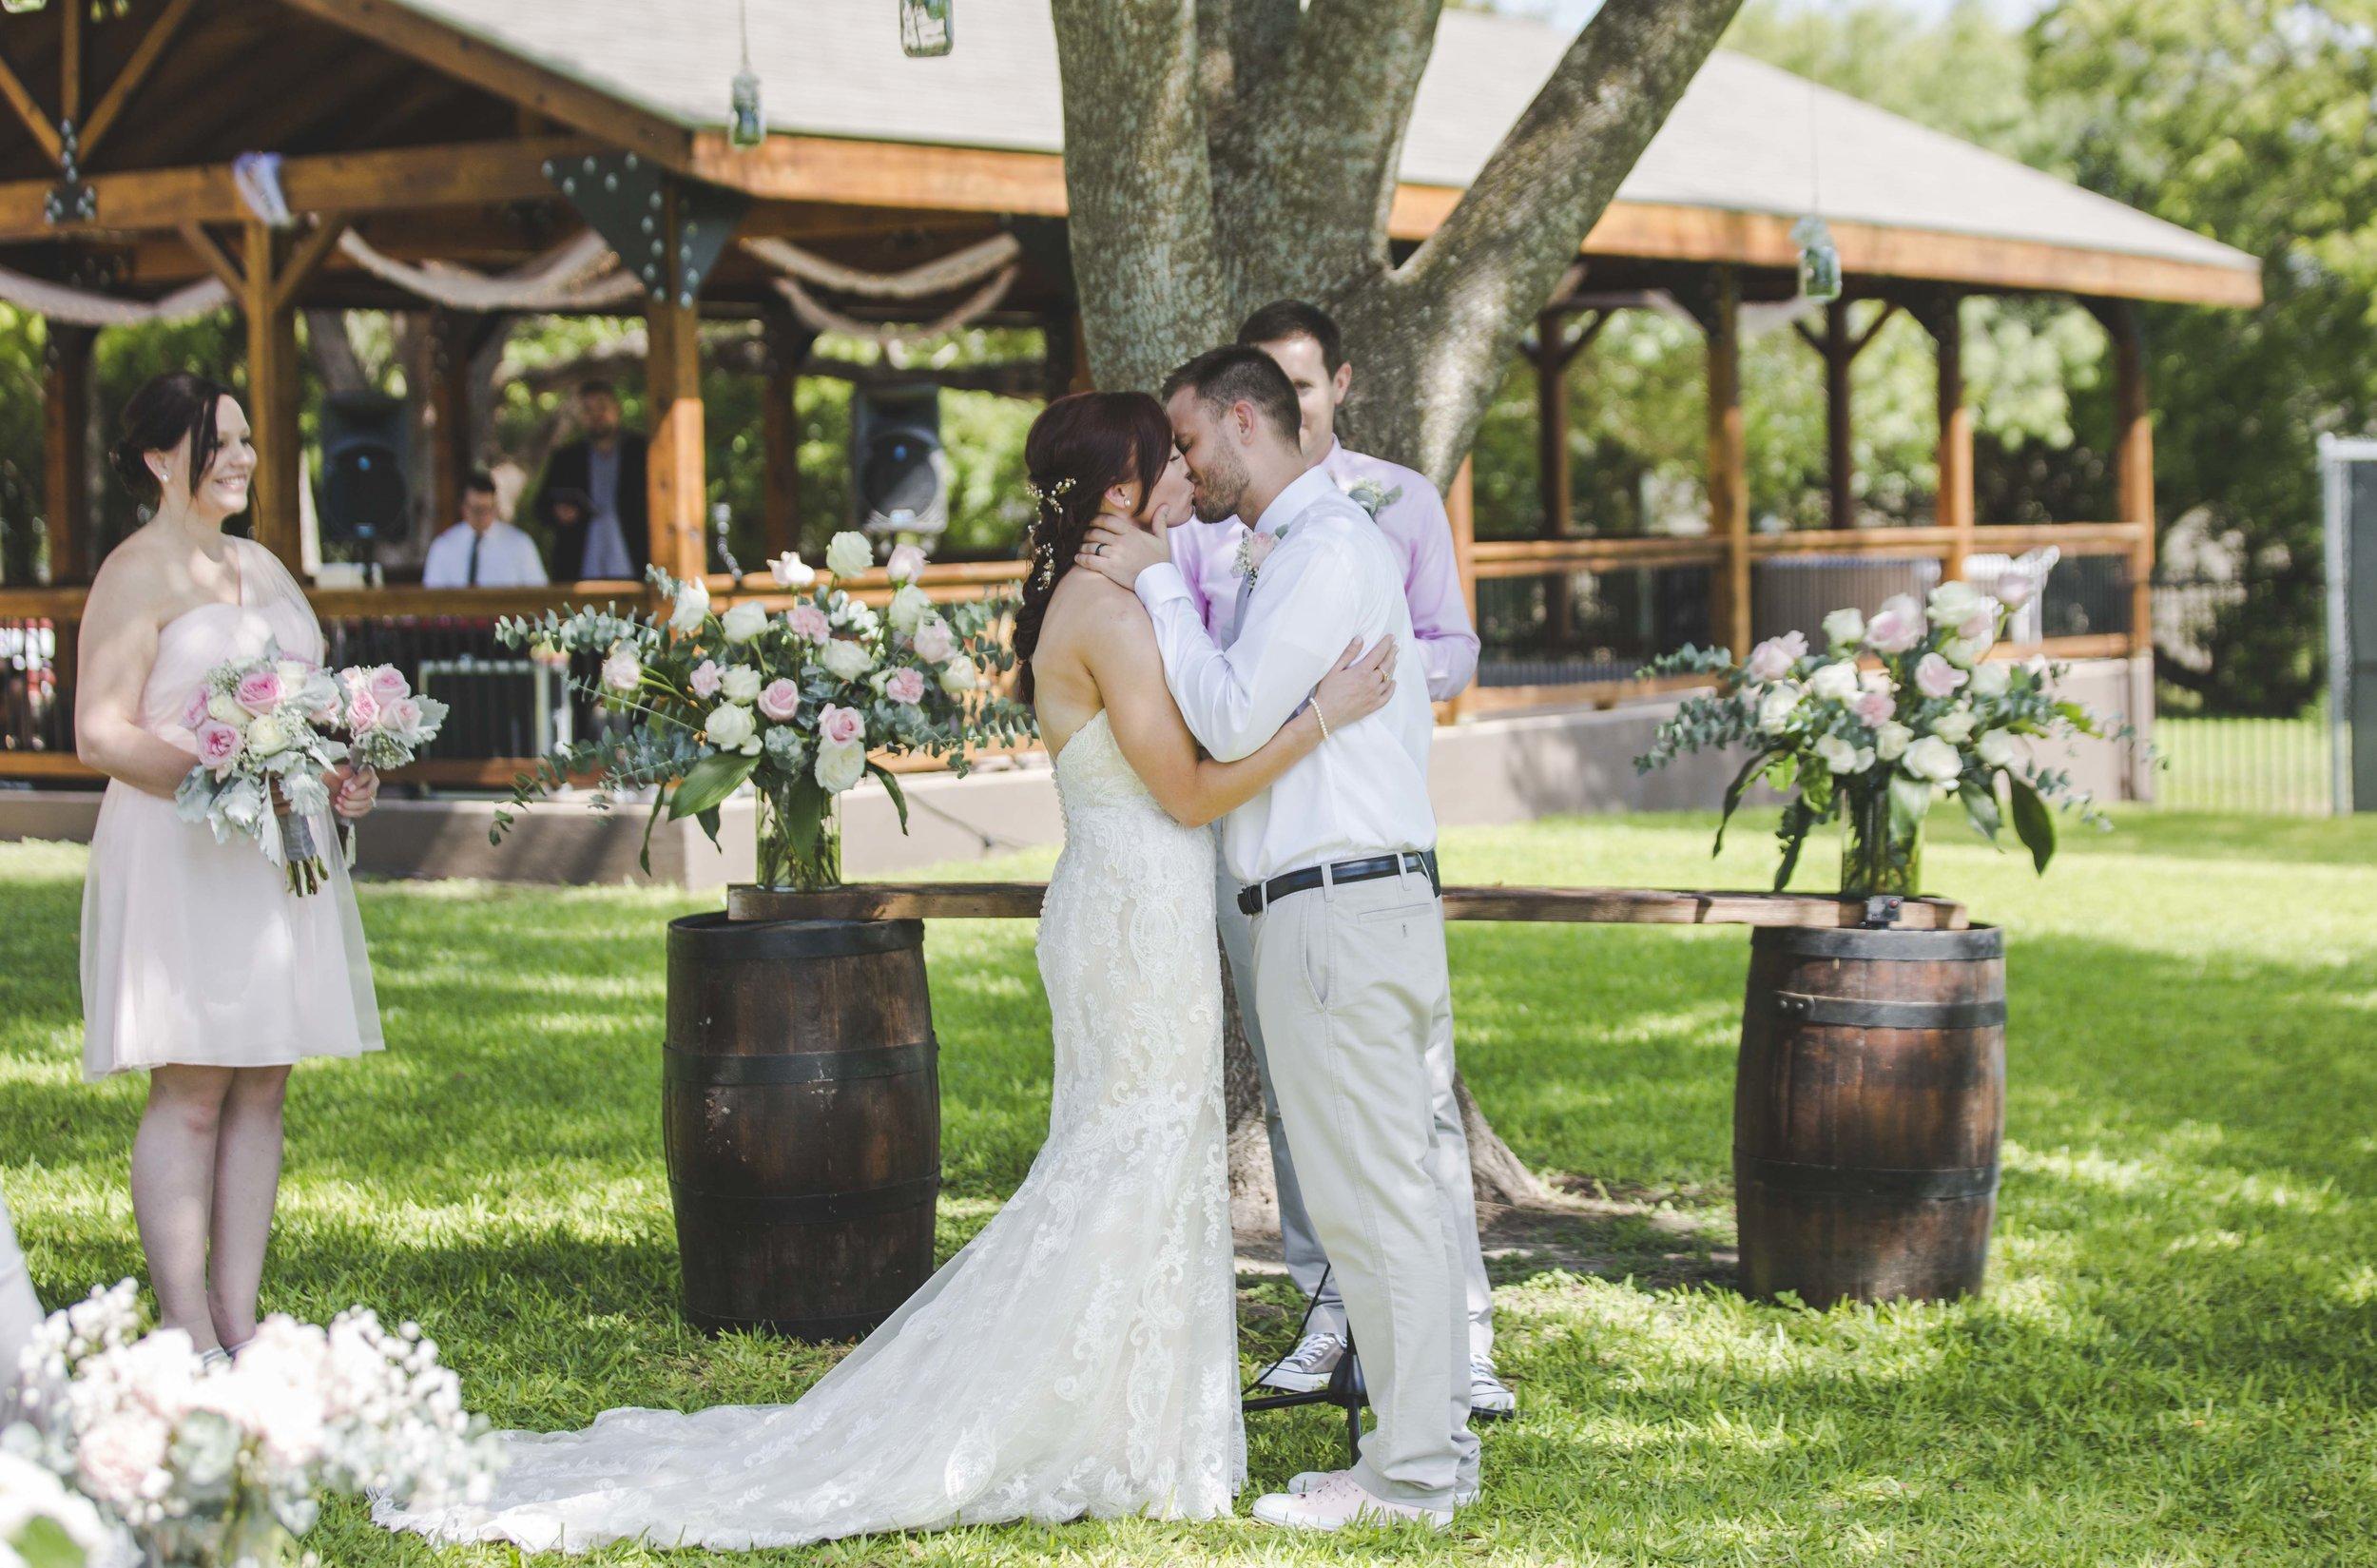 ATGI_Susanna & Matt Wedding_717A7859.jpg